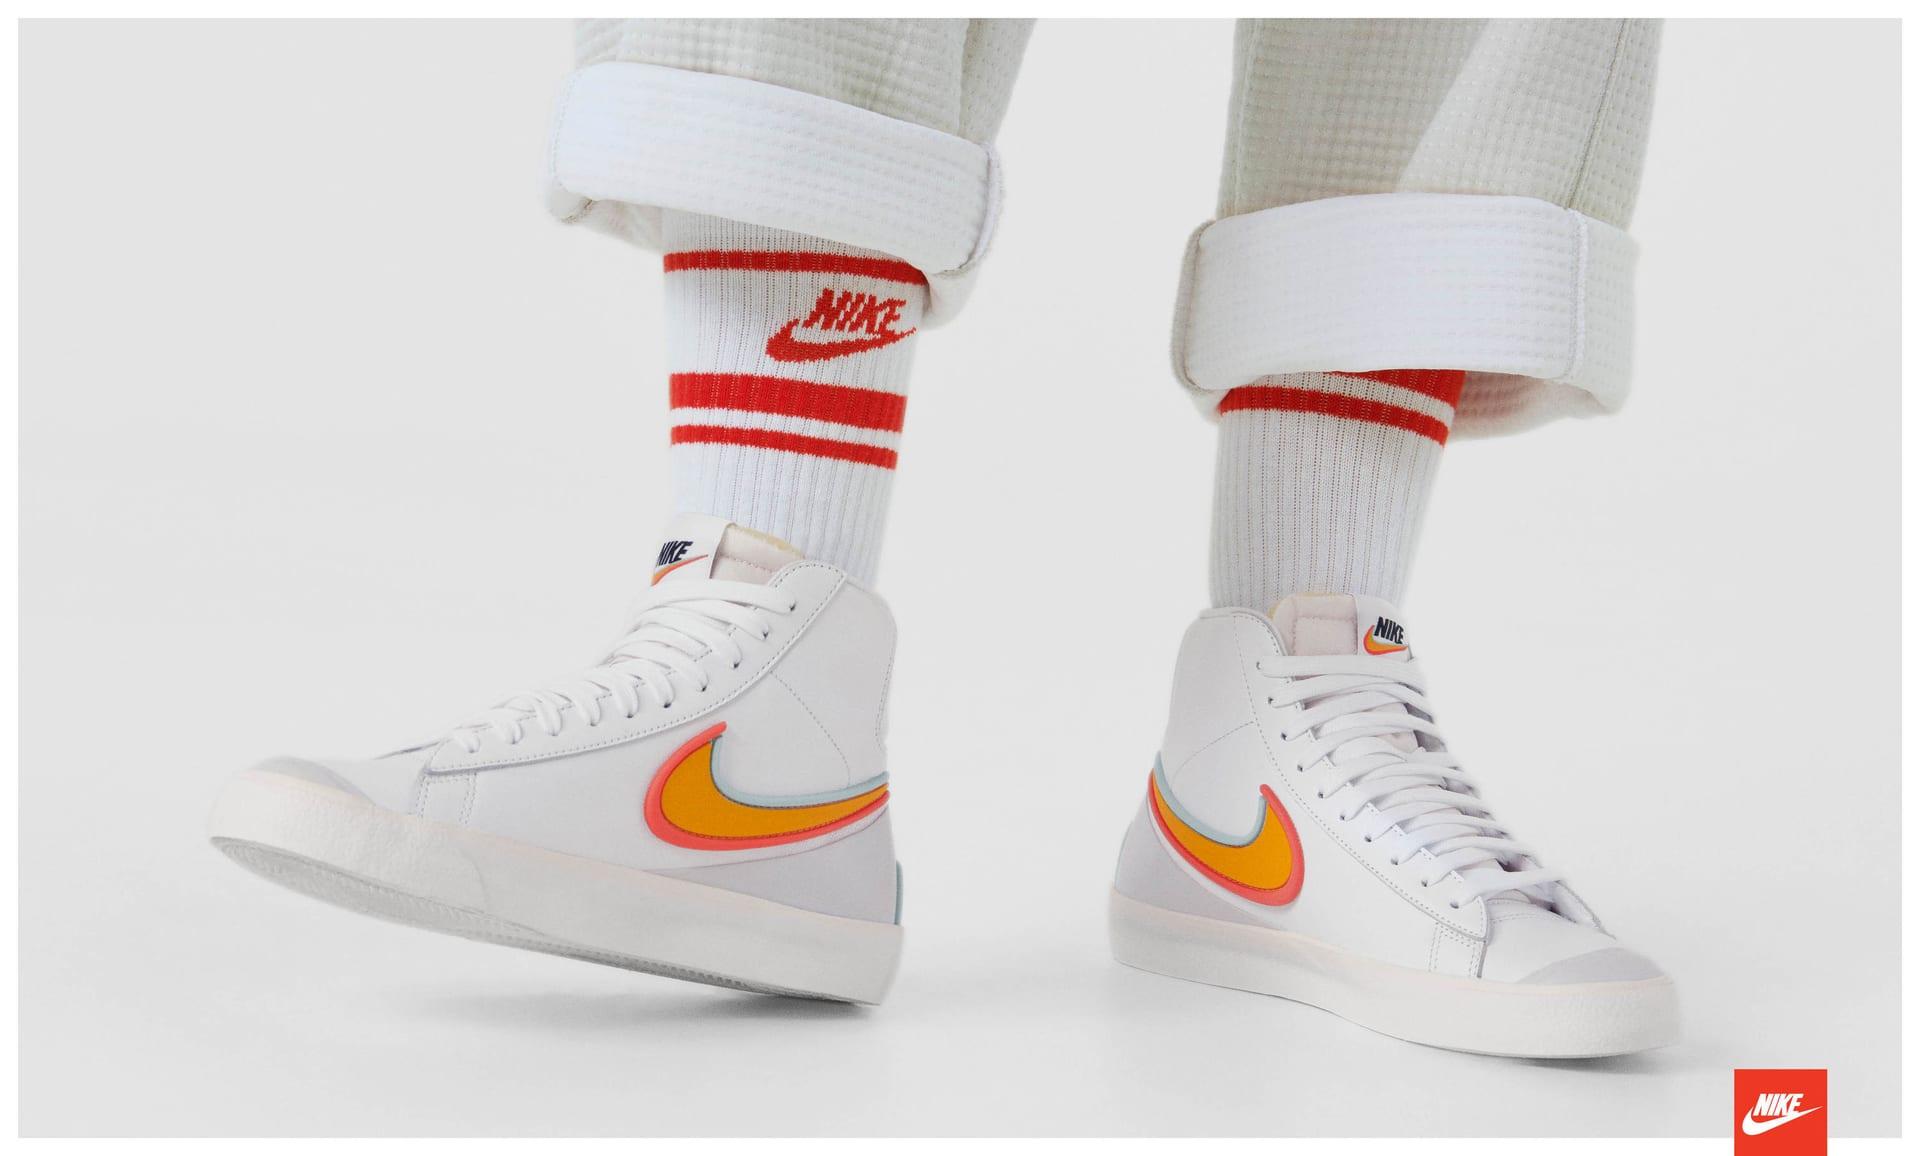 Quali sono i lacci migliori per le scarpe Nike? | Assistenza Nike